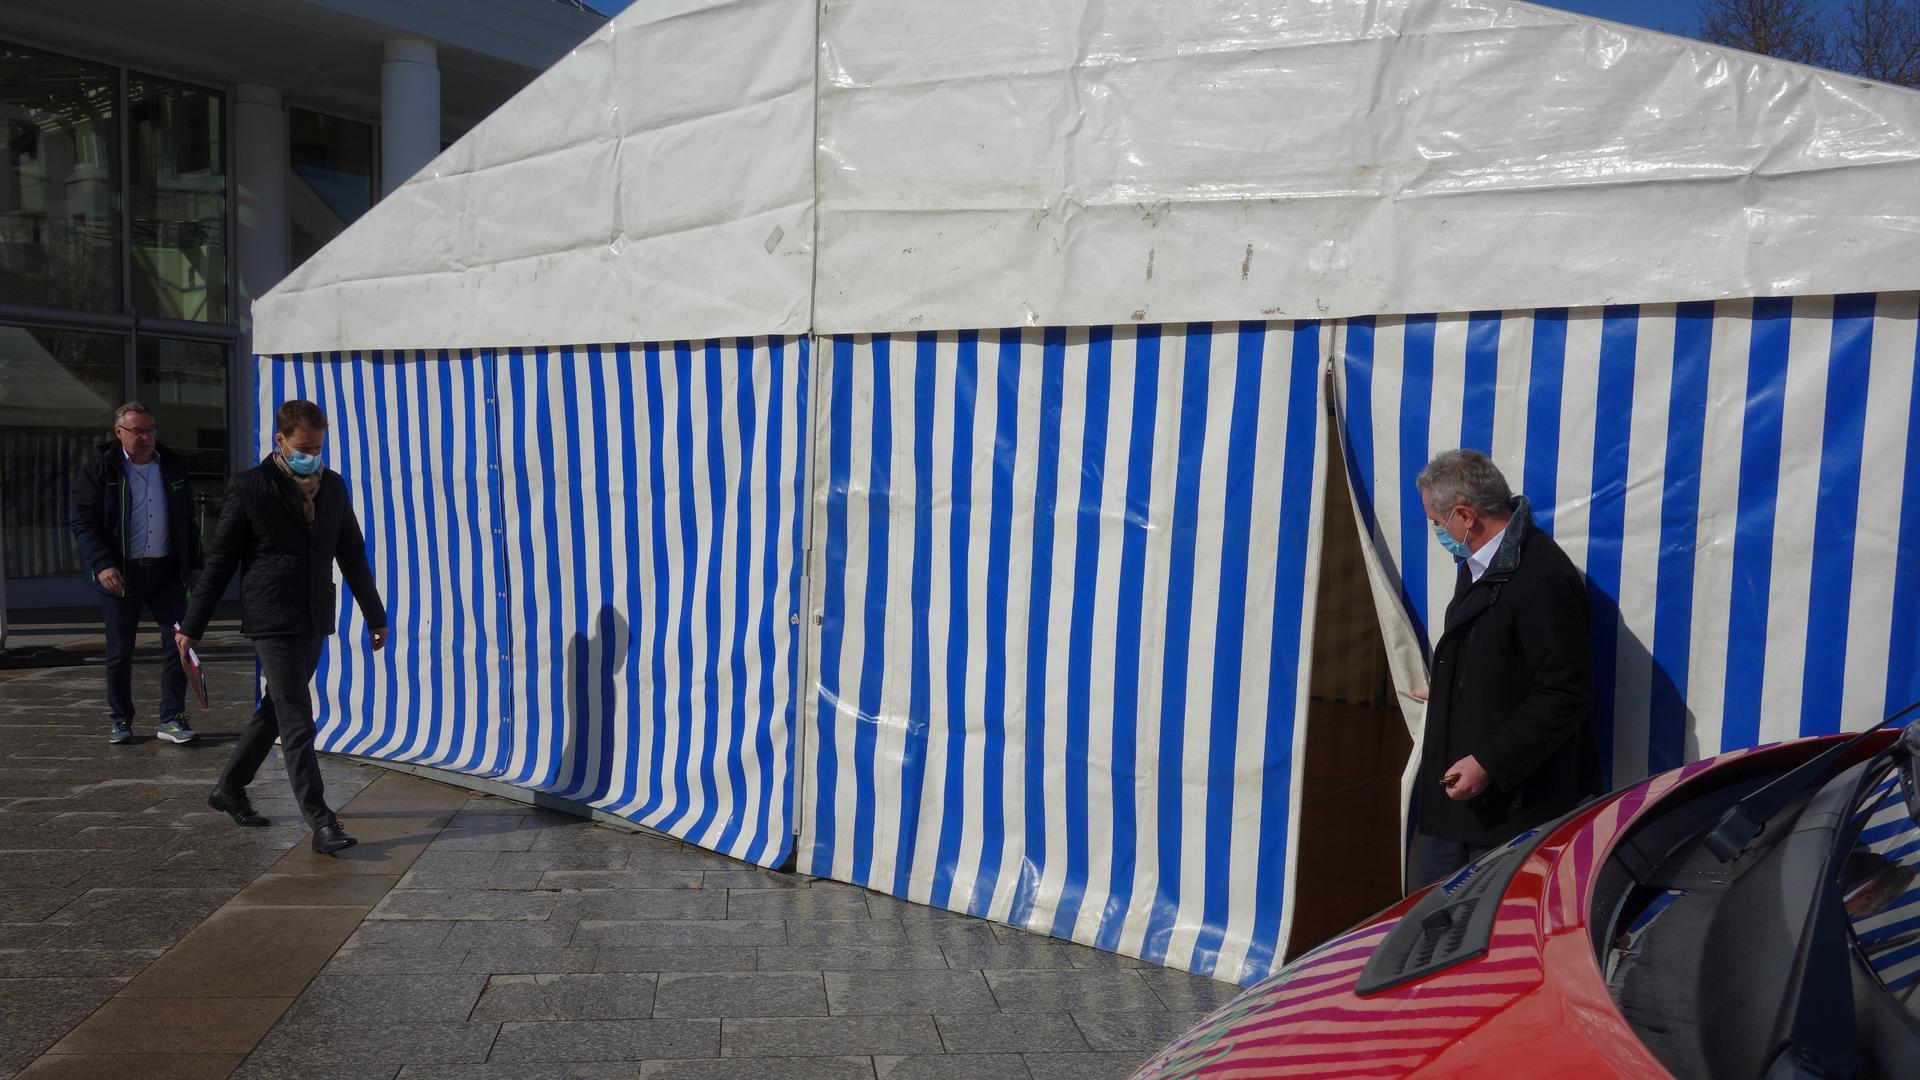 Testen im Zelt: Einen Blick waren Bürgermeister Wolfgang Jokerst, Felix Brenneisen und Klaus Dürk (von rechts) vor dem Start am kommenden Mittwoch in das bereits aufgebaute Zelt neben dem Bürgerhaus.